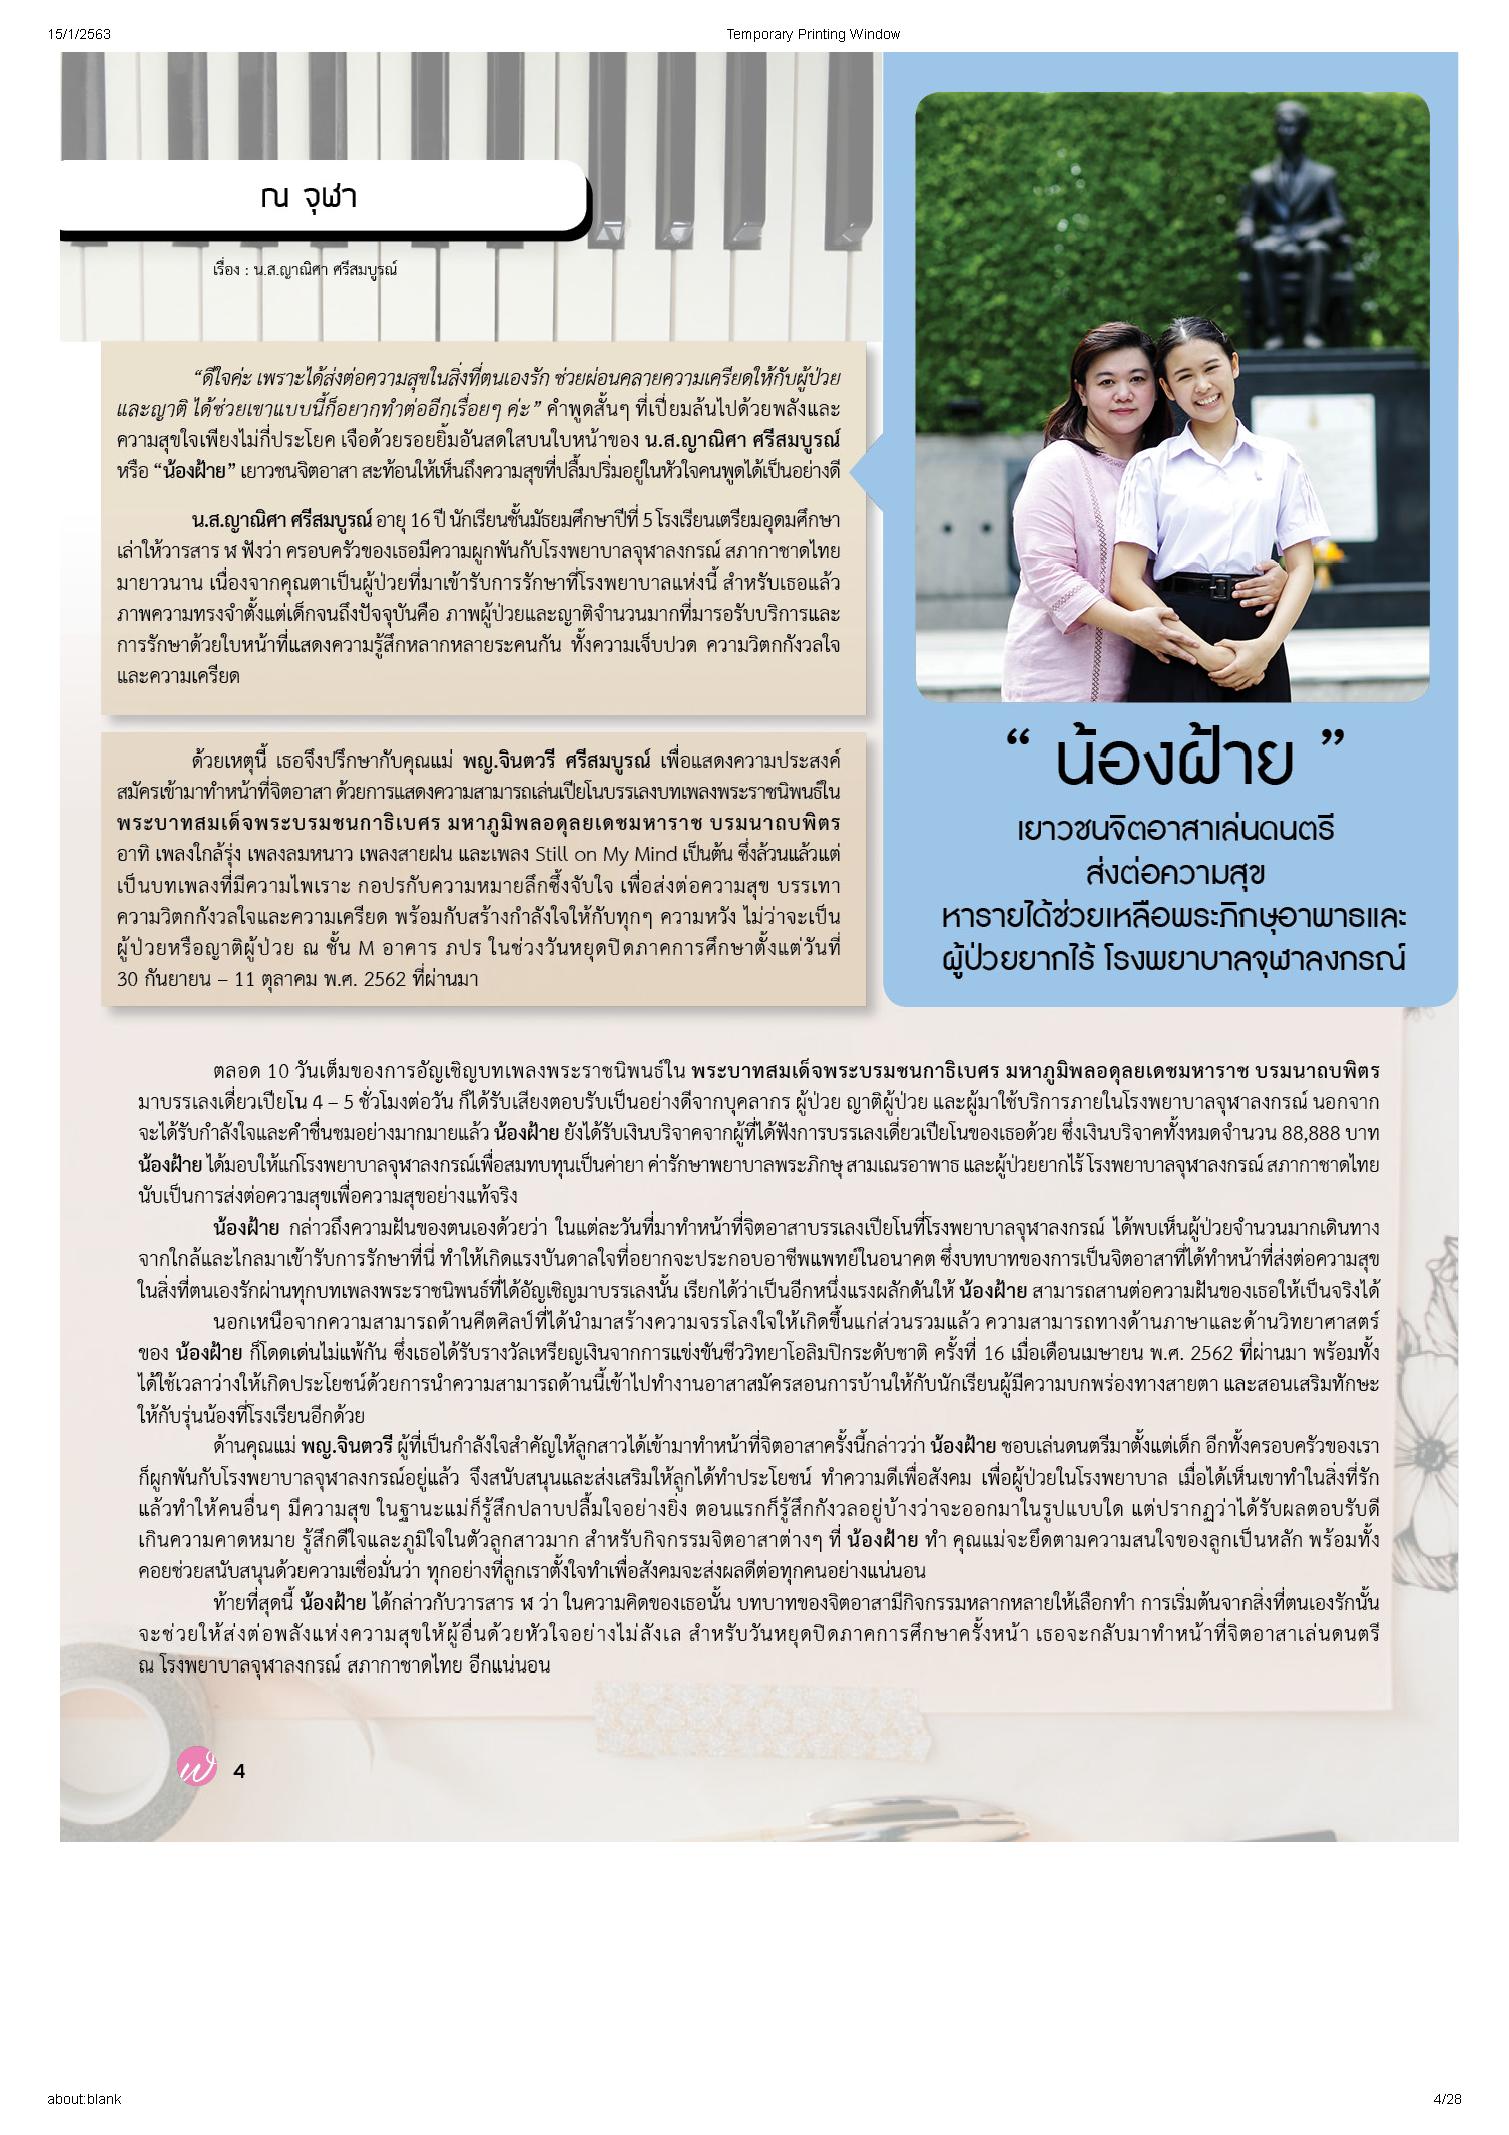 ฉบับเดือนมกราคม-พ.ศ.2563_Page_04